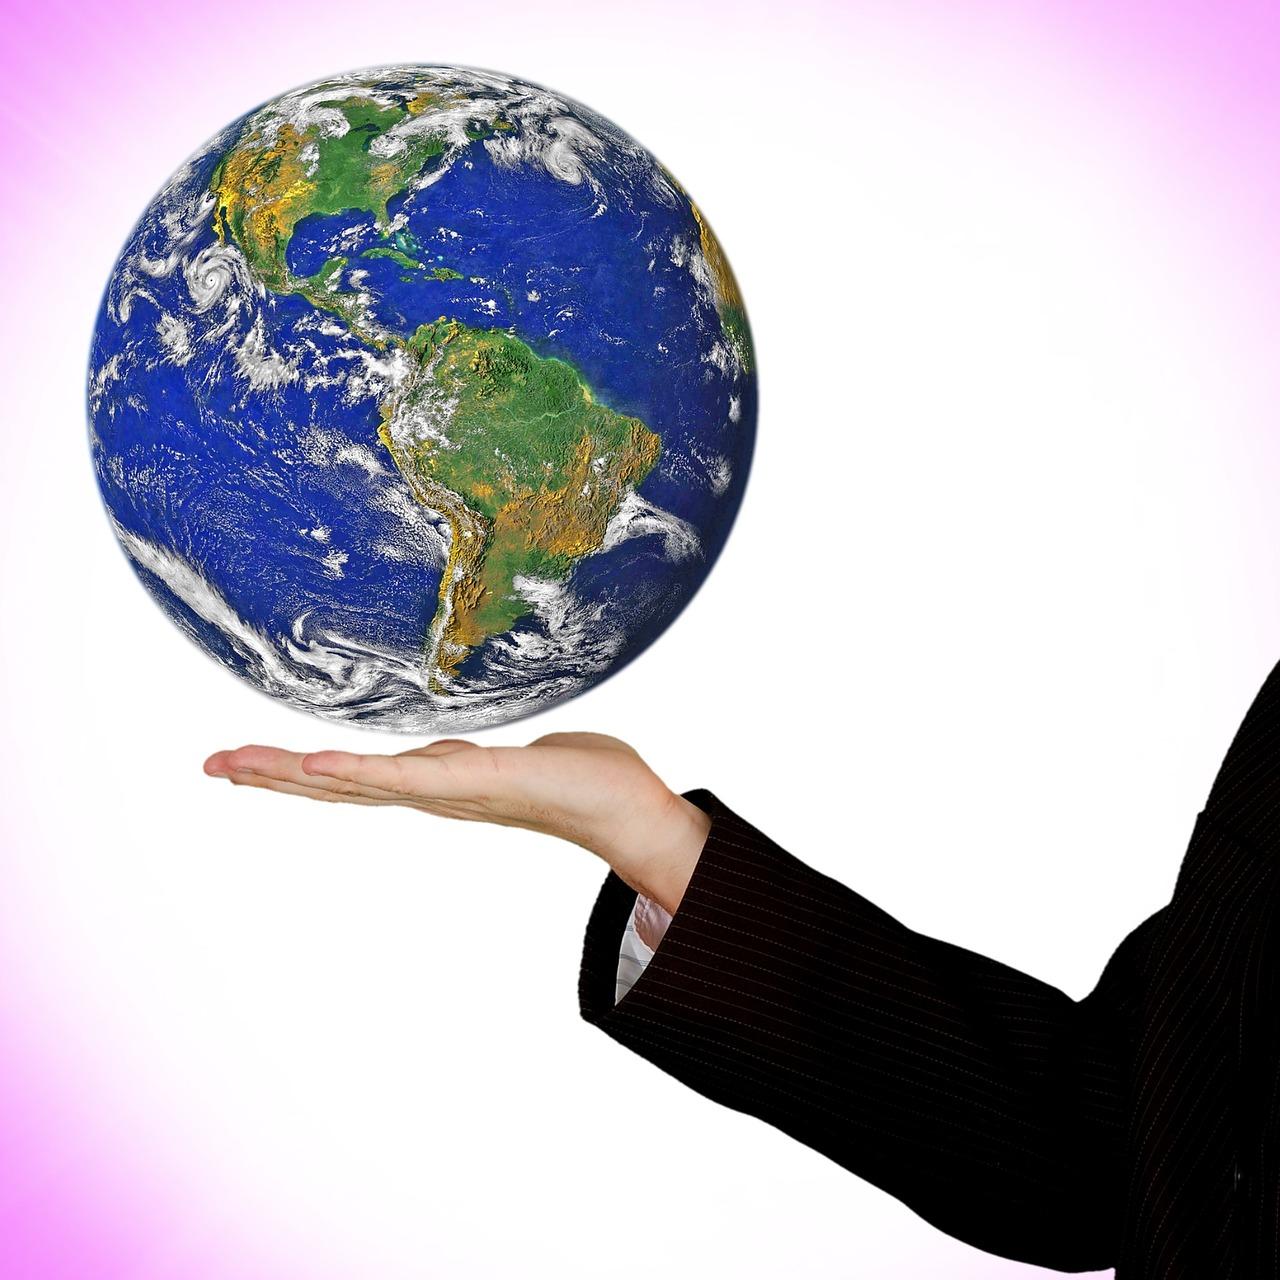 earth-1964824_1280